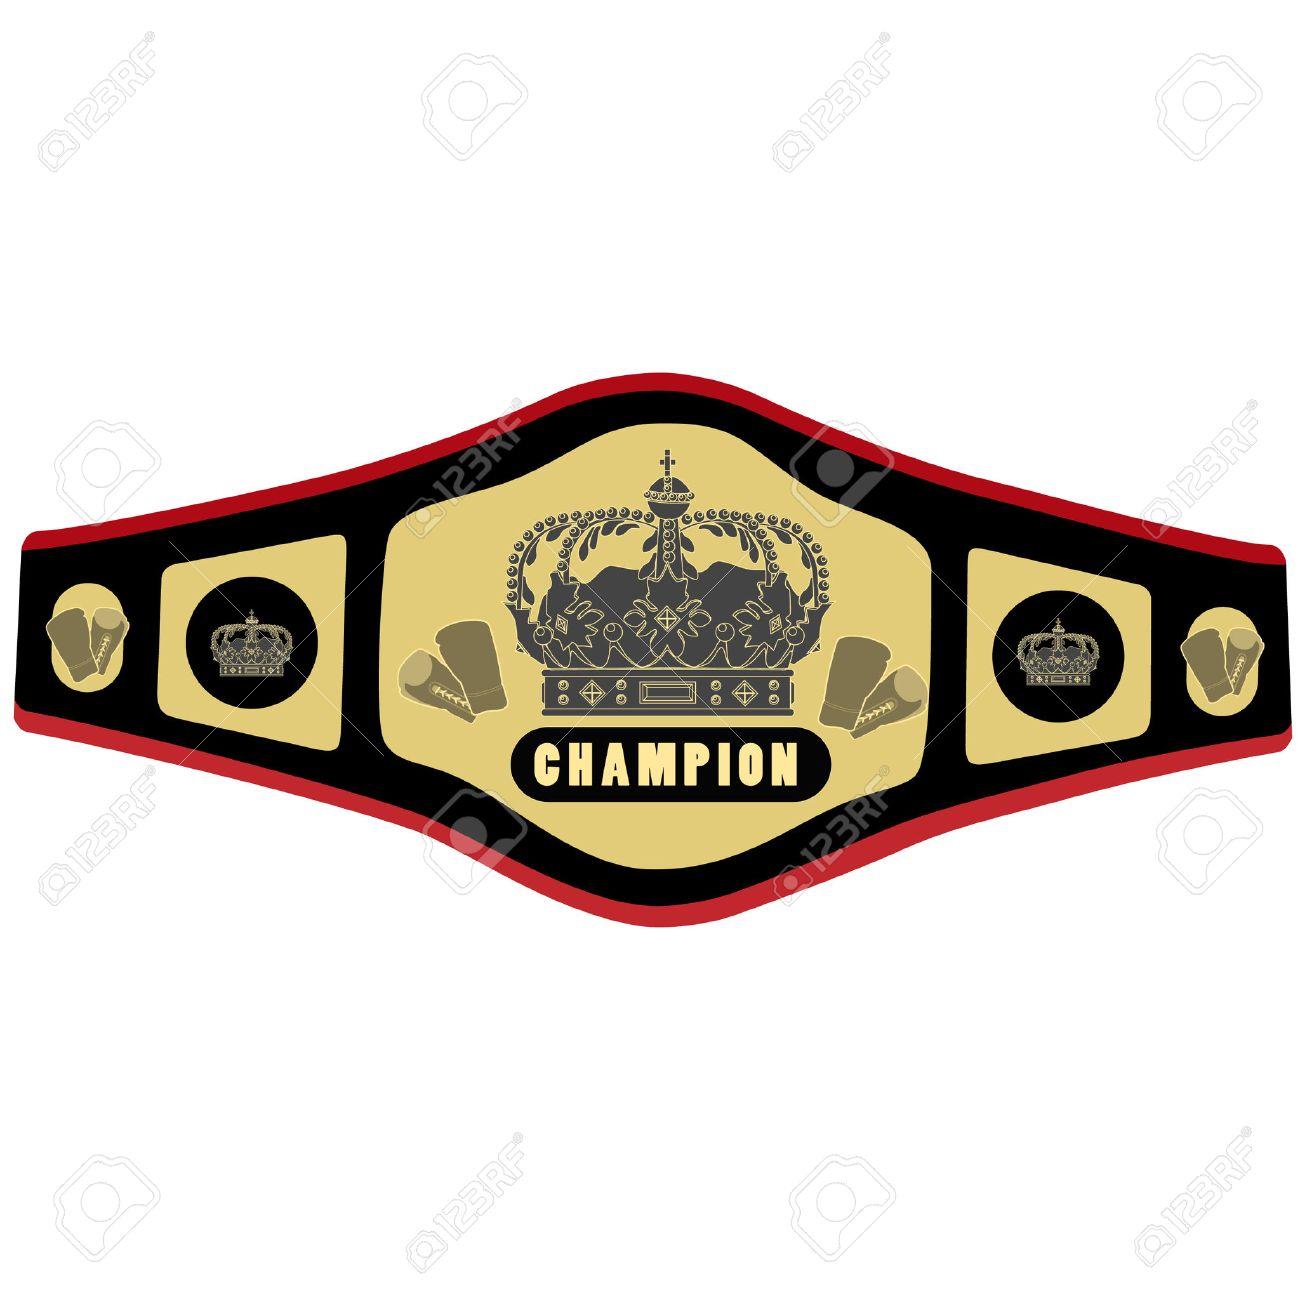 Boxing belt vector illustration. Competition belt. Golden champion belt. Championship belt icon - 44024098